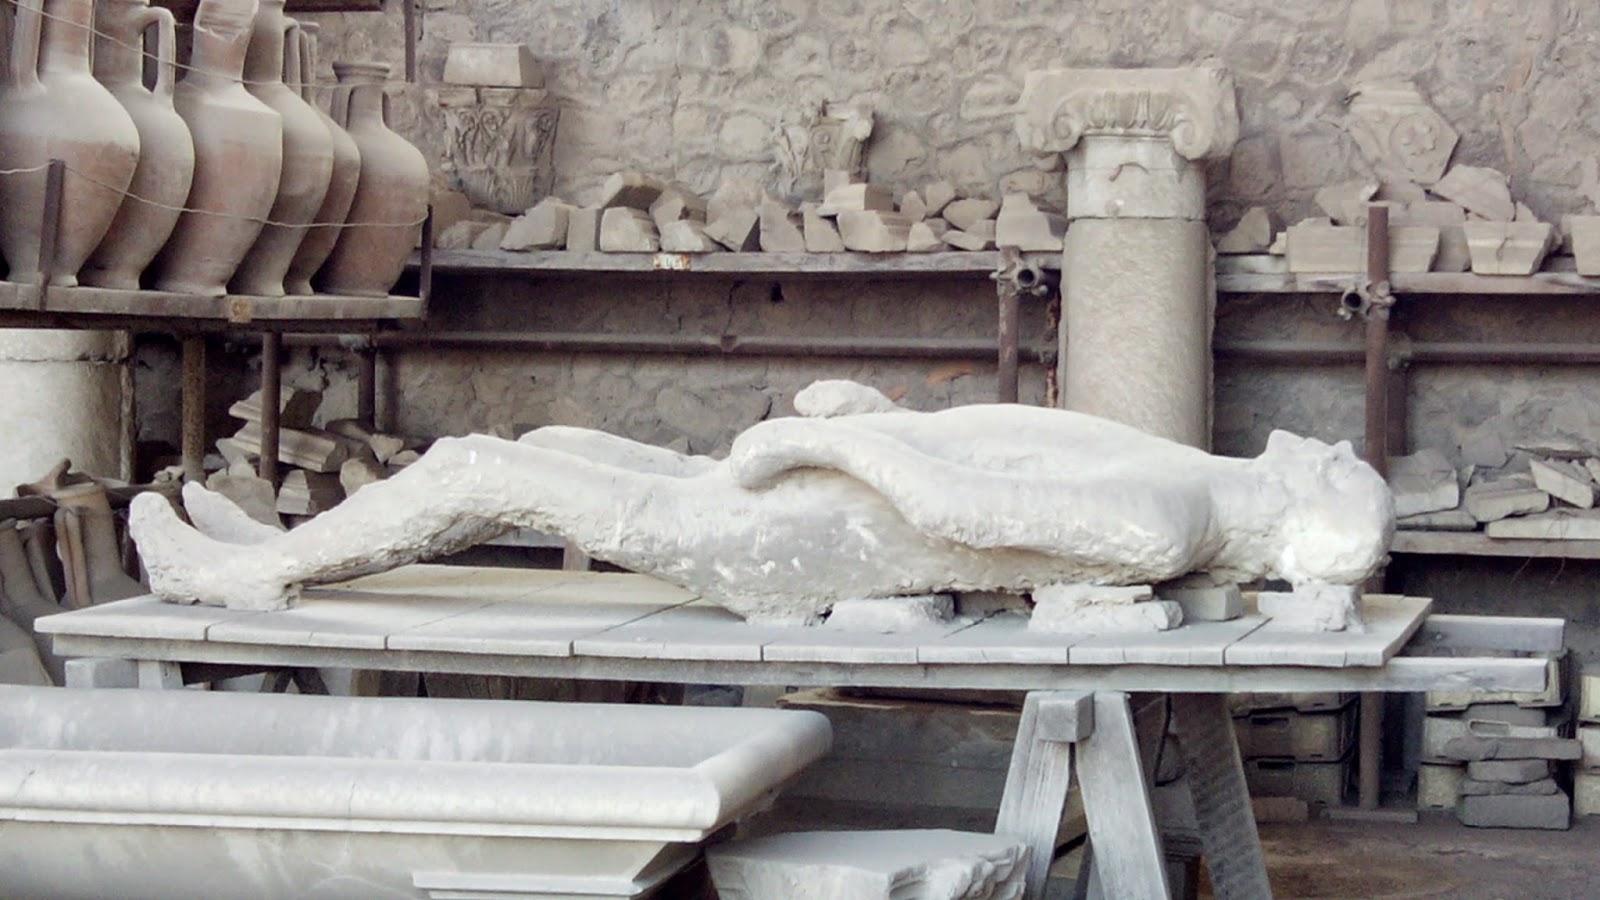 pompeia figuras gesso 2 - Pompei